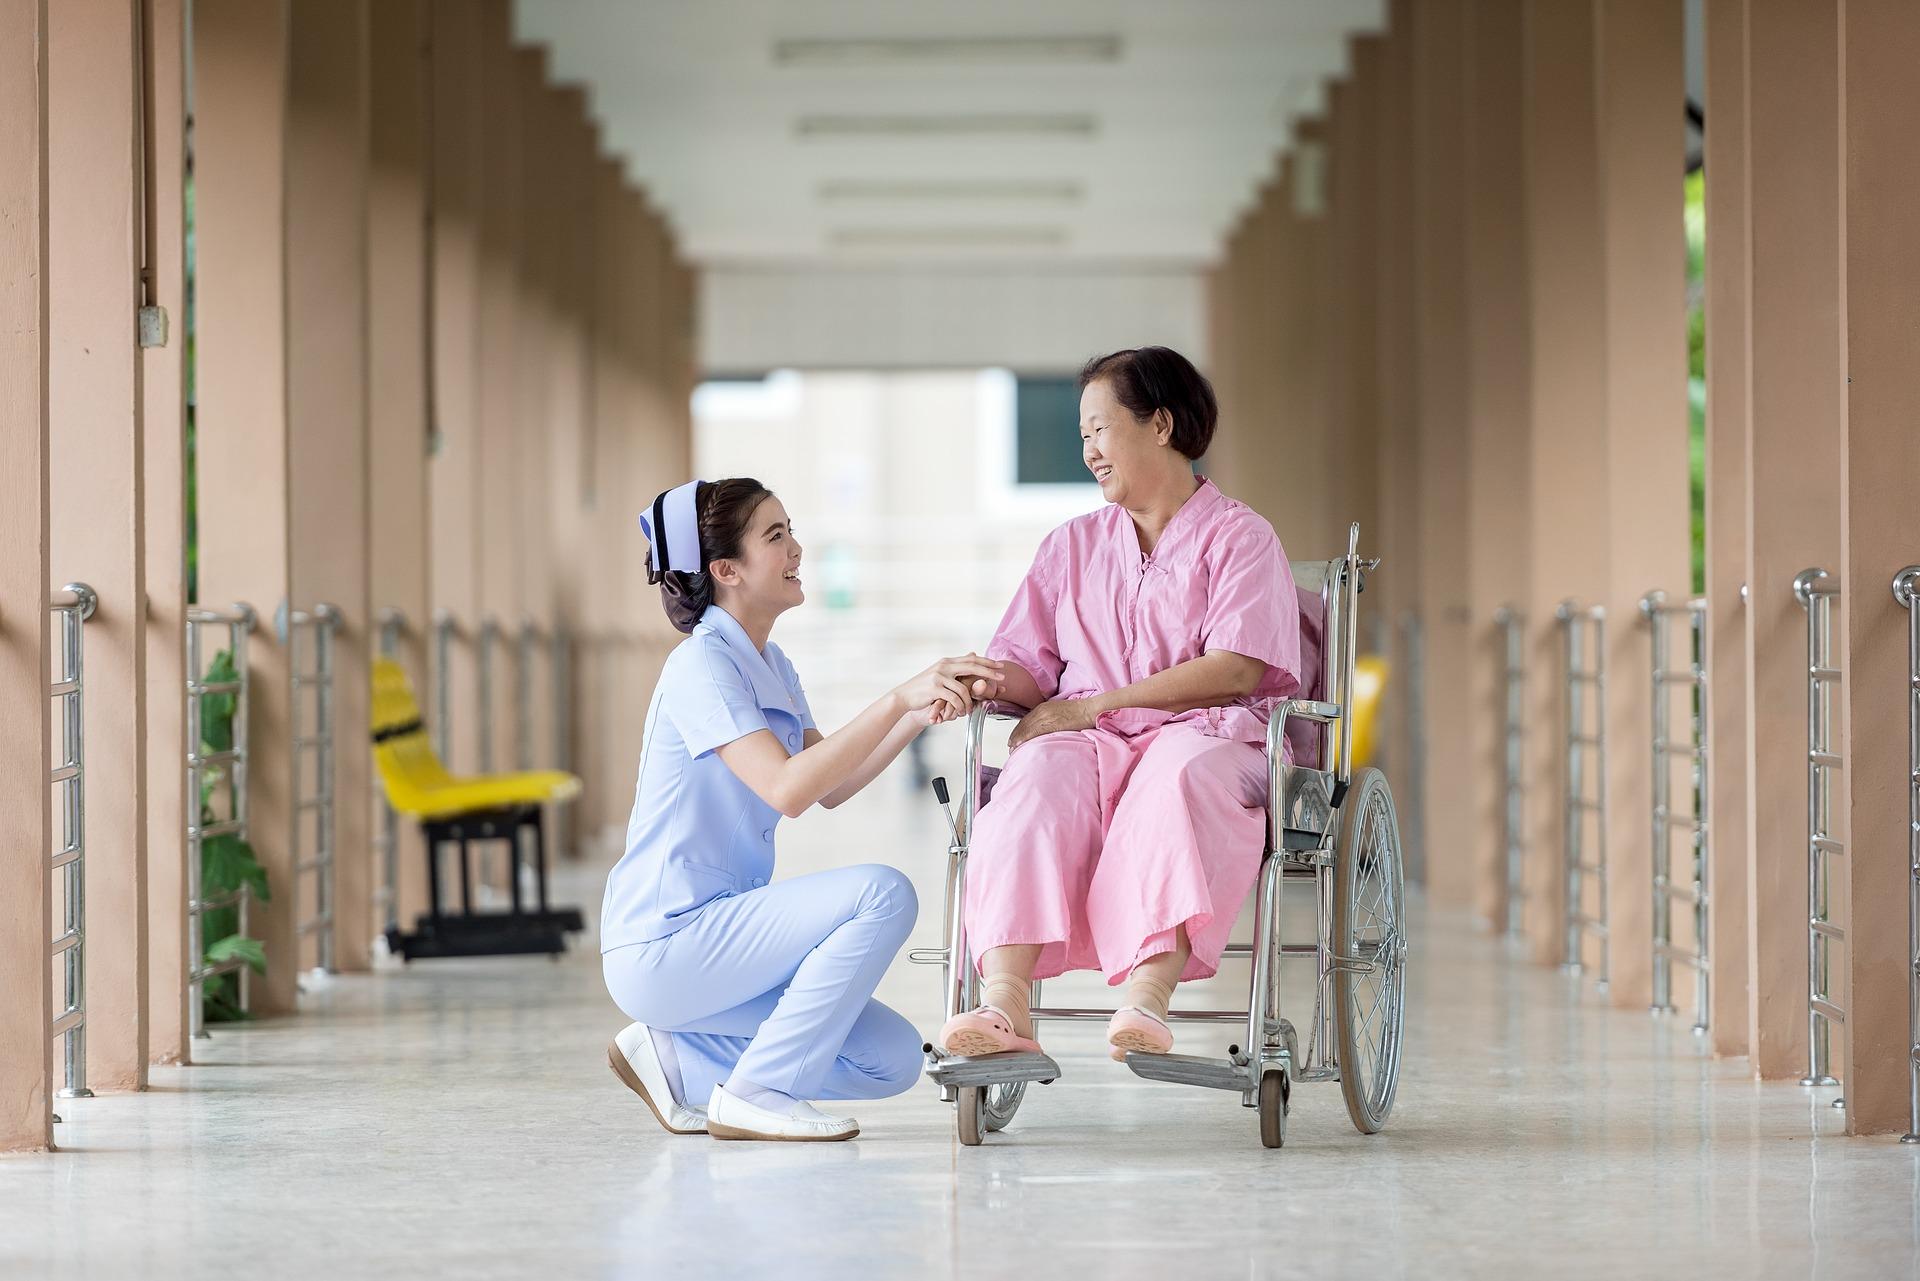 患者に寄り添い、尊厳を守るために。患者の自己決定と看護師の役割のアイキャッチ